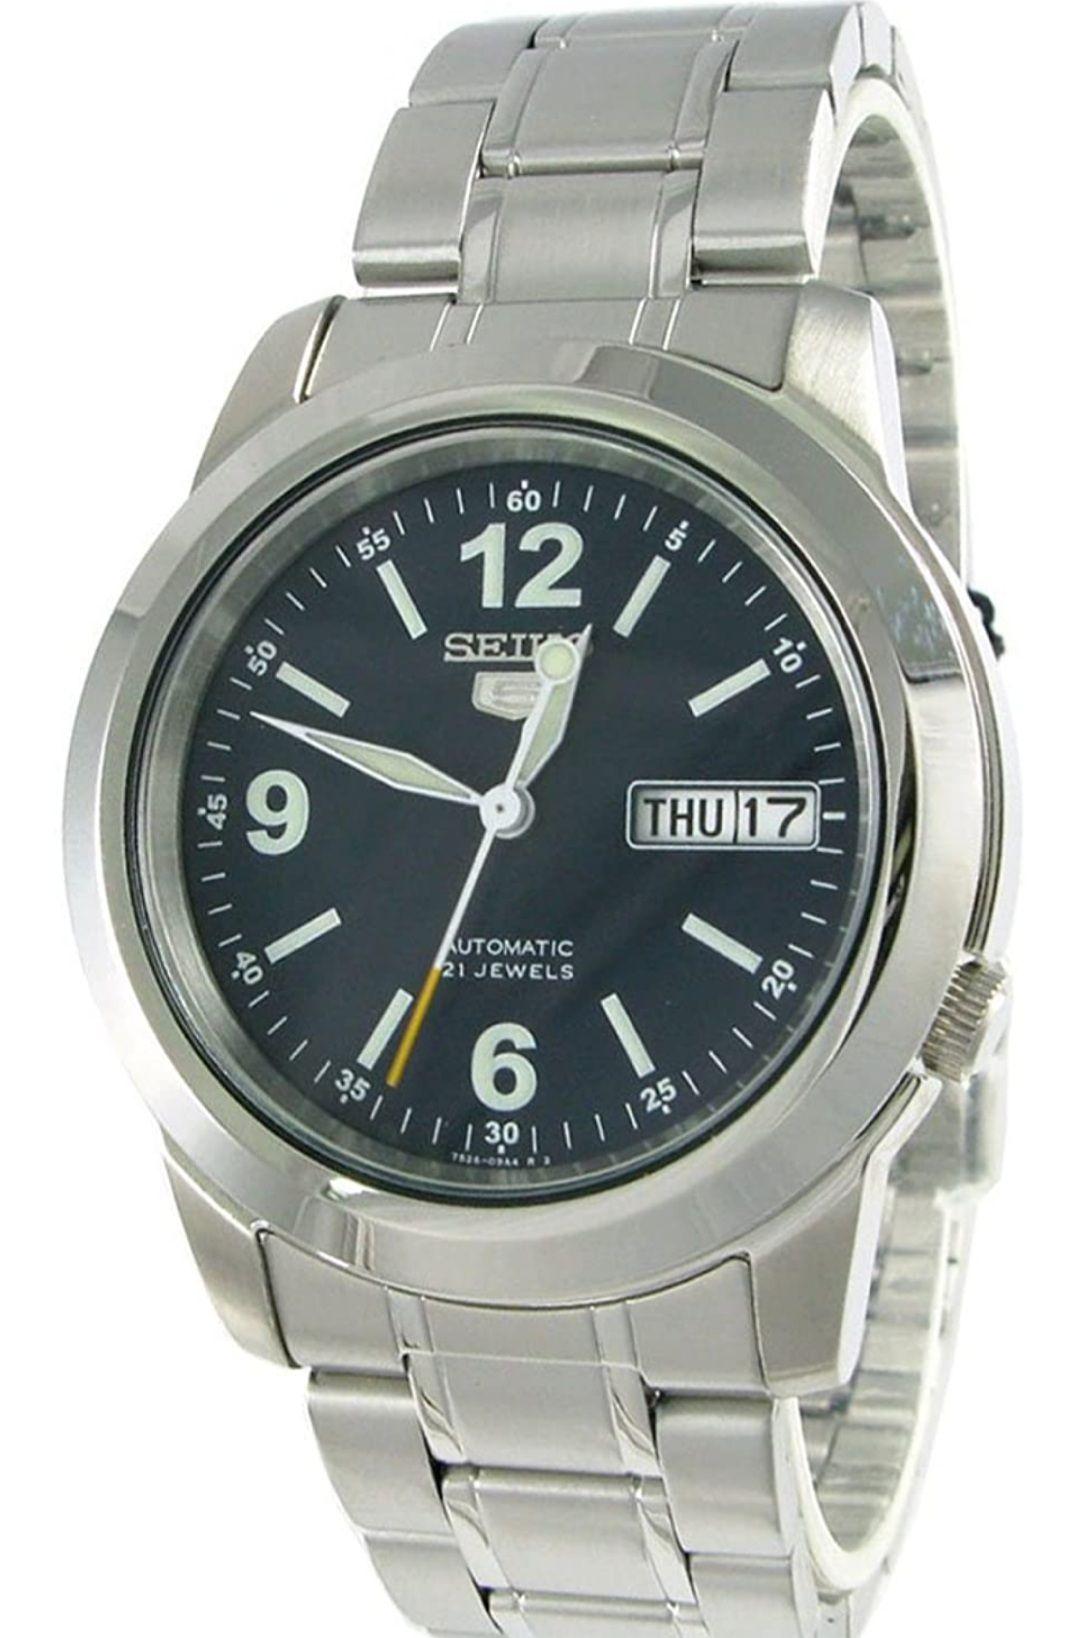 Reloj Seiko Automático SNKE61K1 (Envío incluido). Precio mínimo!!!!